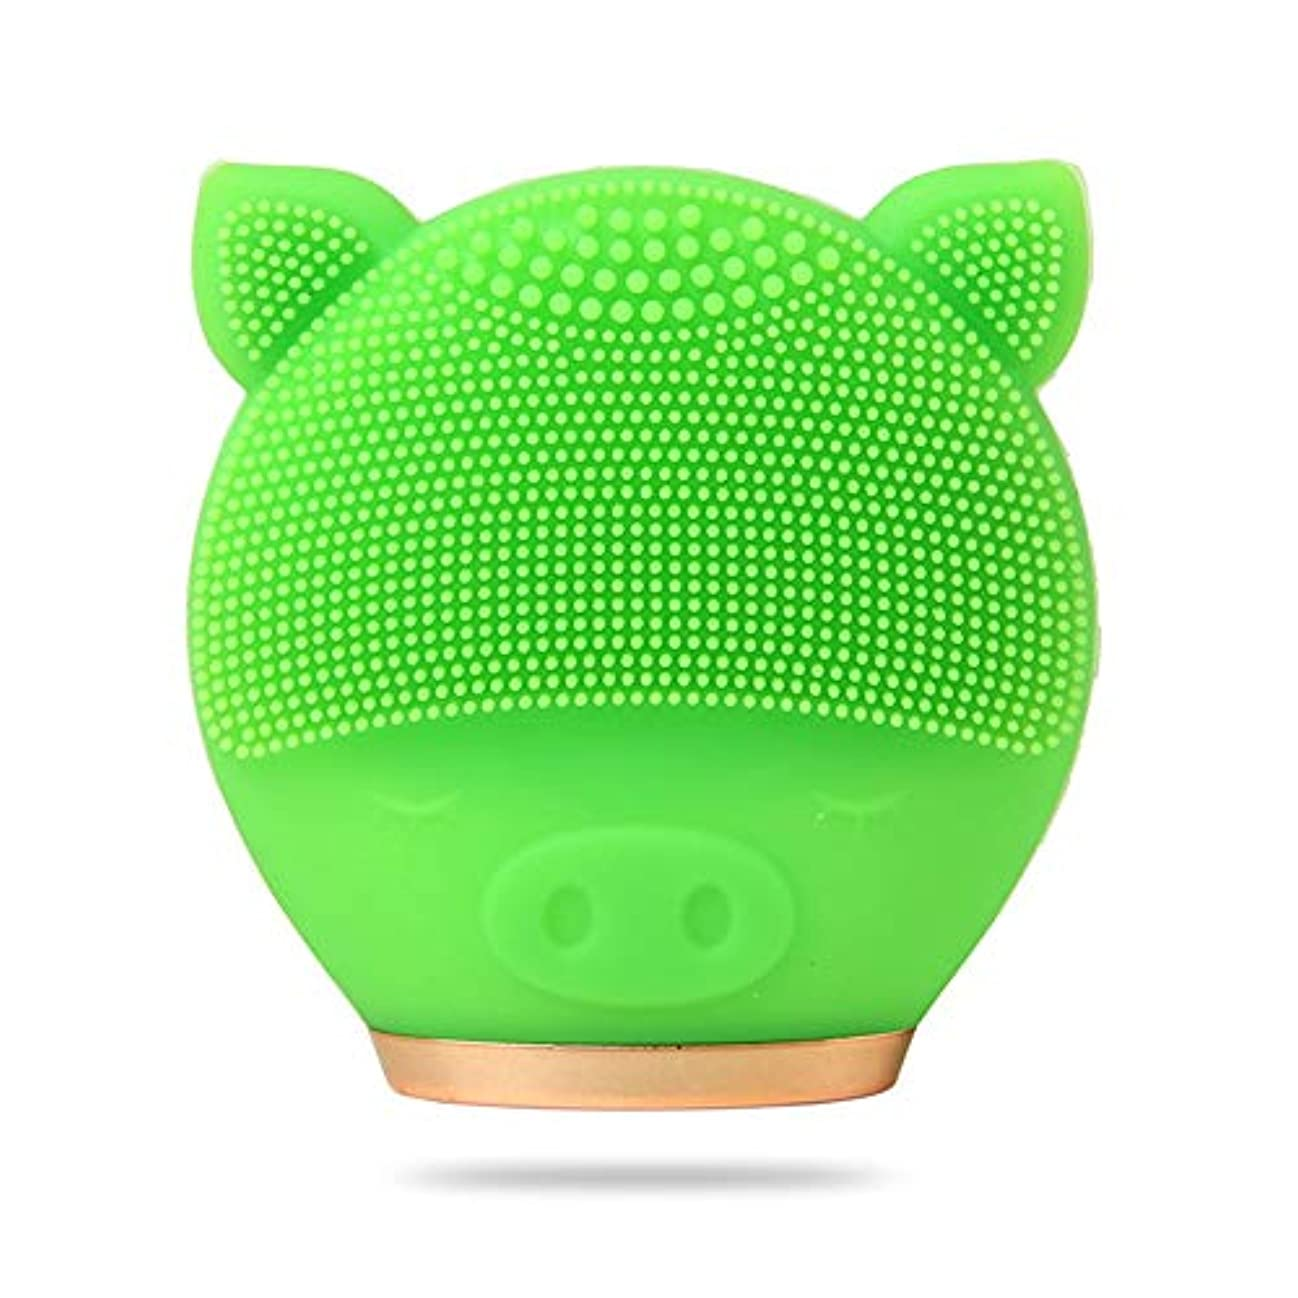 バズ領域サスティーンZXF 新しい豚モデル電気クレンジング楽器シリコーン超音波振動洗浄顔顔毛穴クリーナー美容器具 滑らかである (色 : Green)